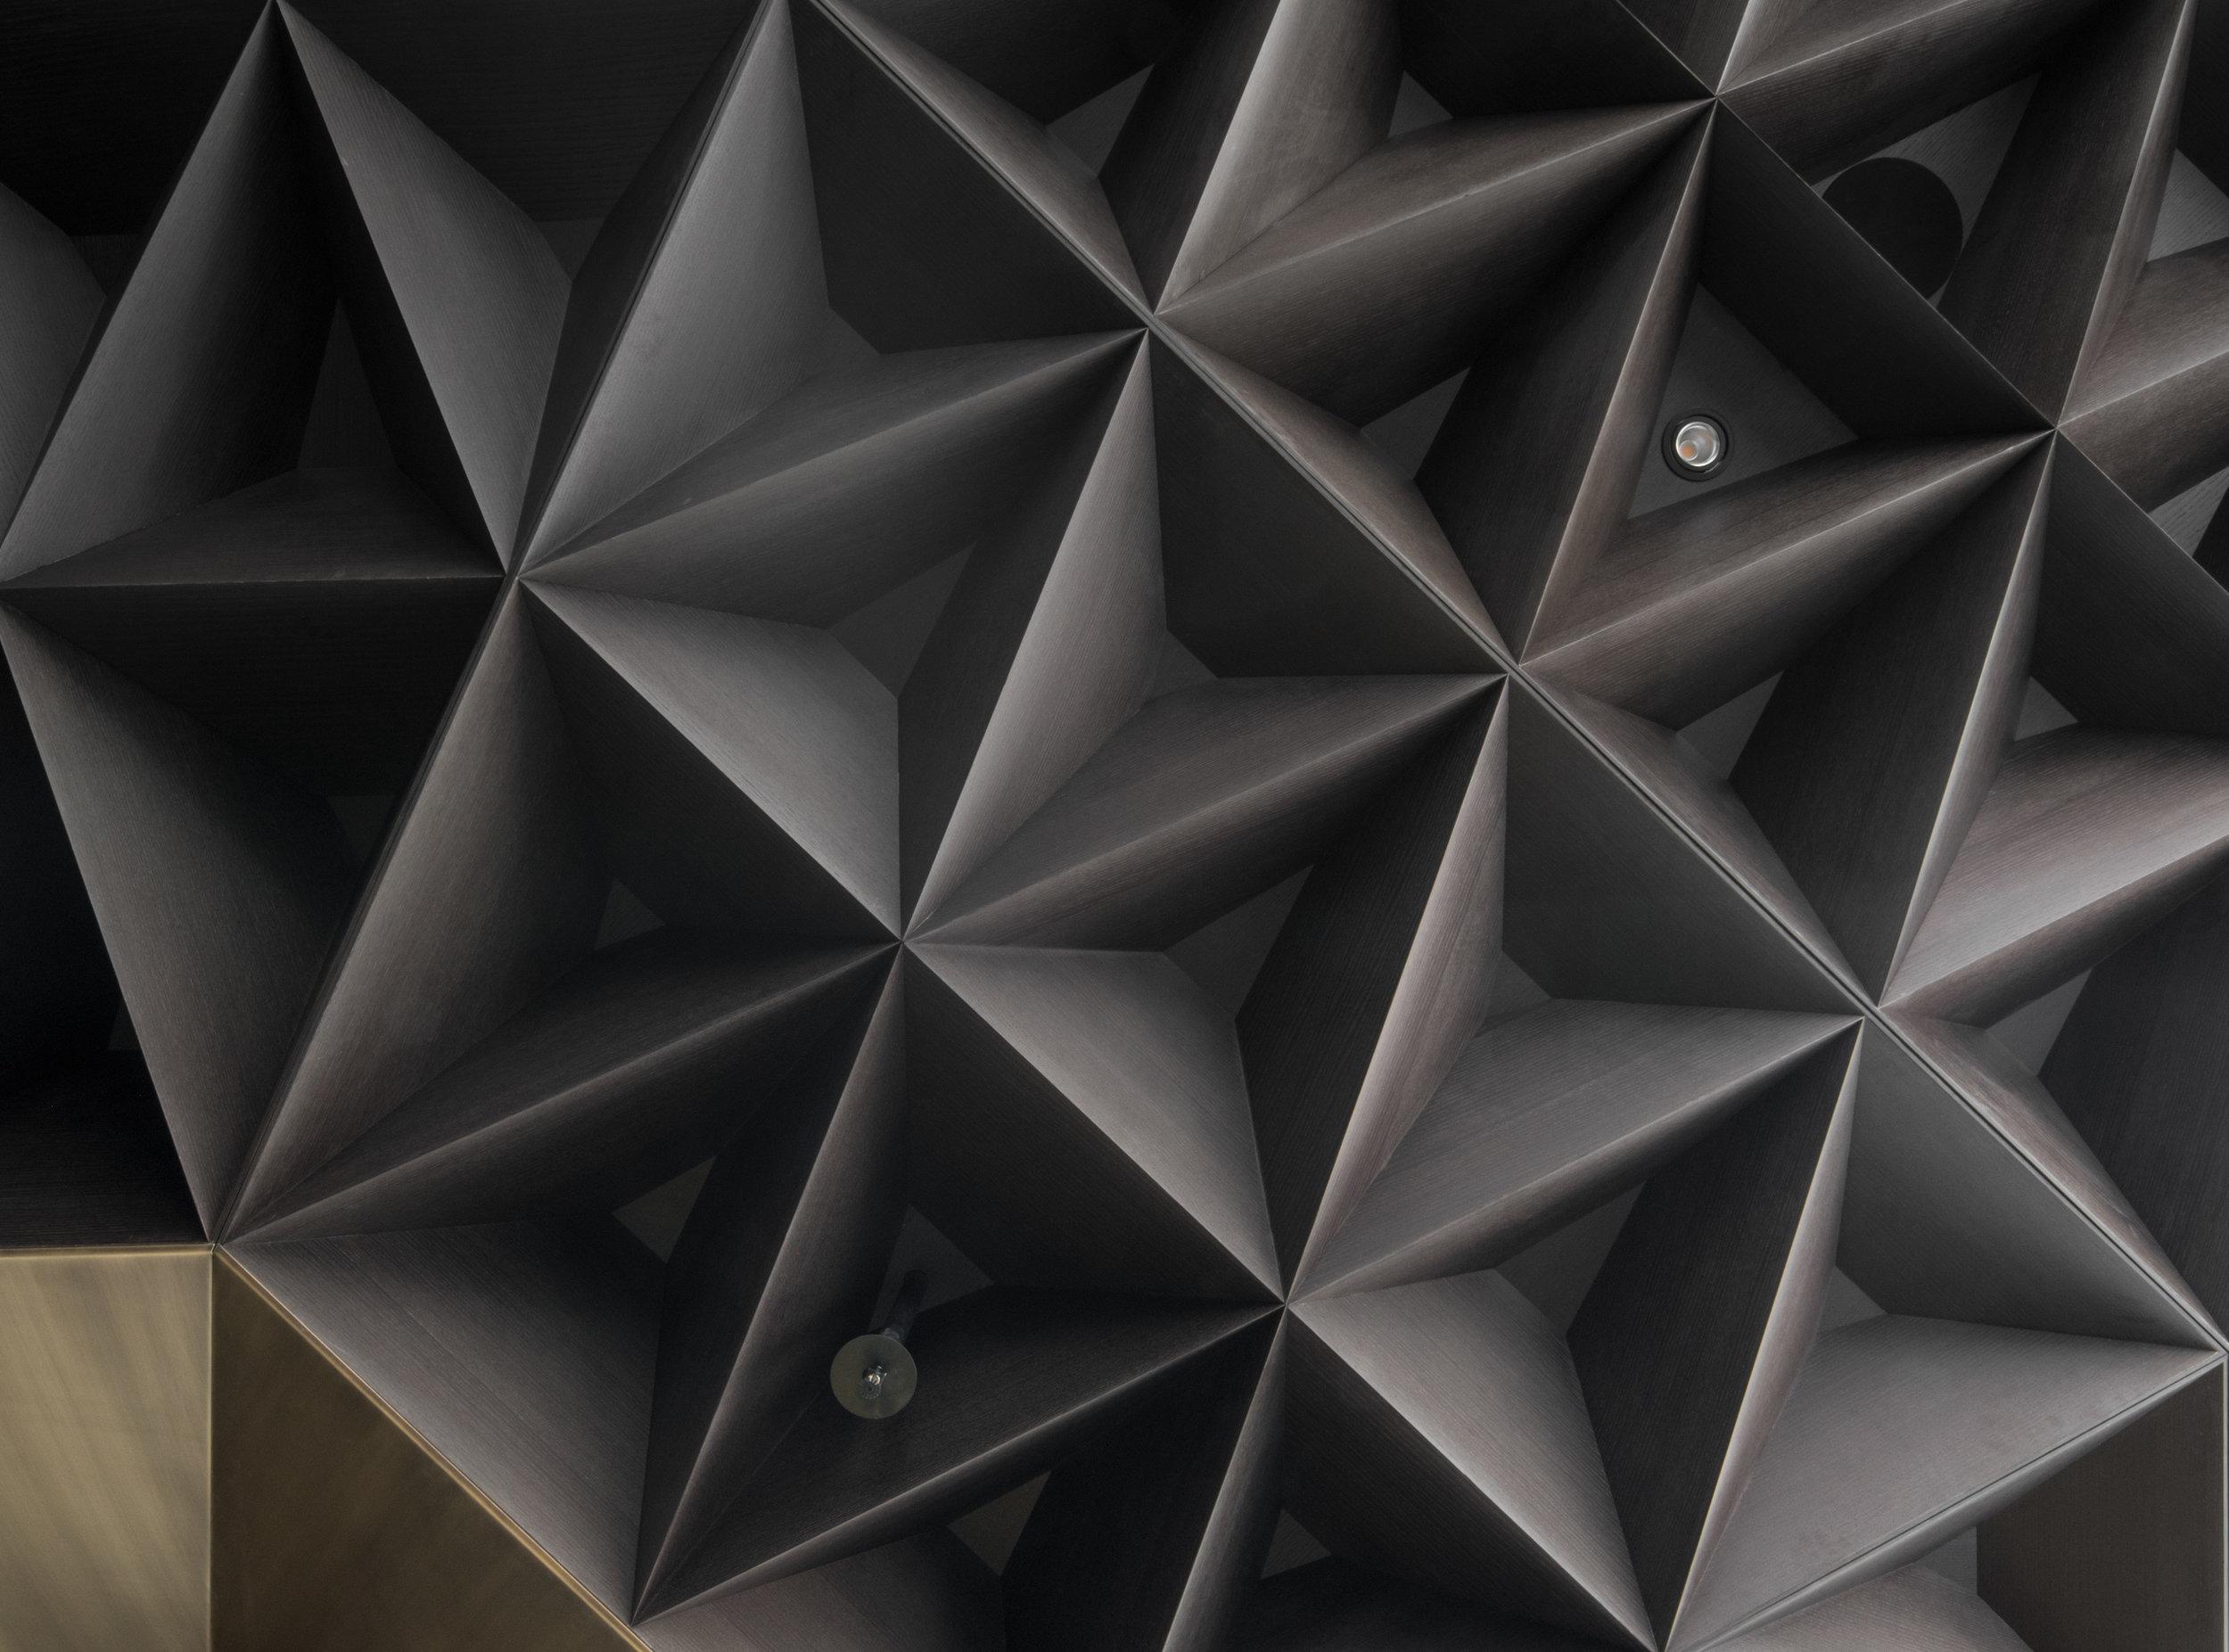 gh3 - Arthur's Restaurant - Ceiling Detail